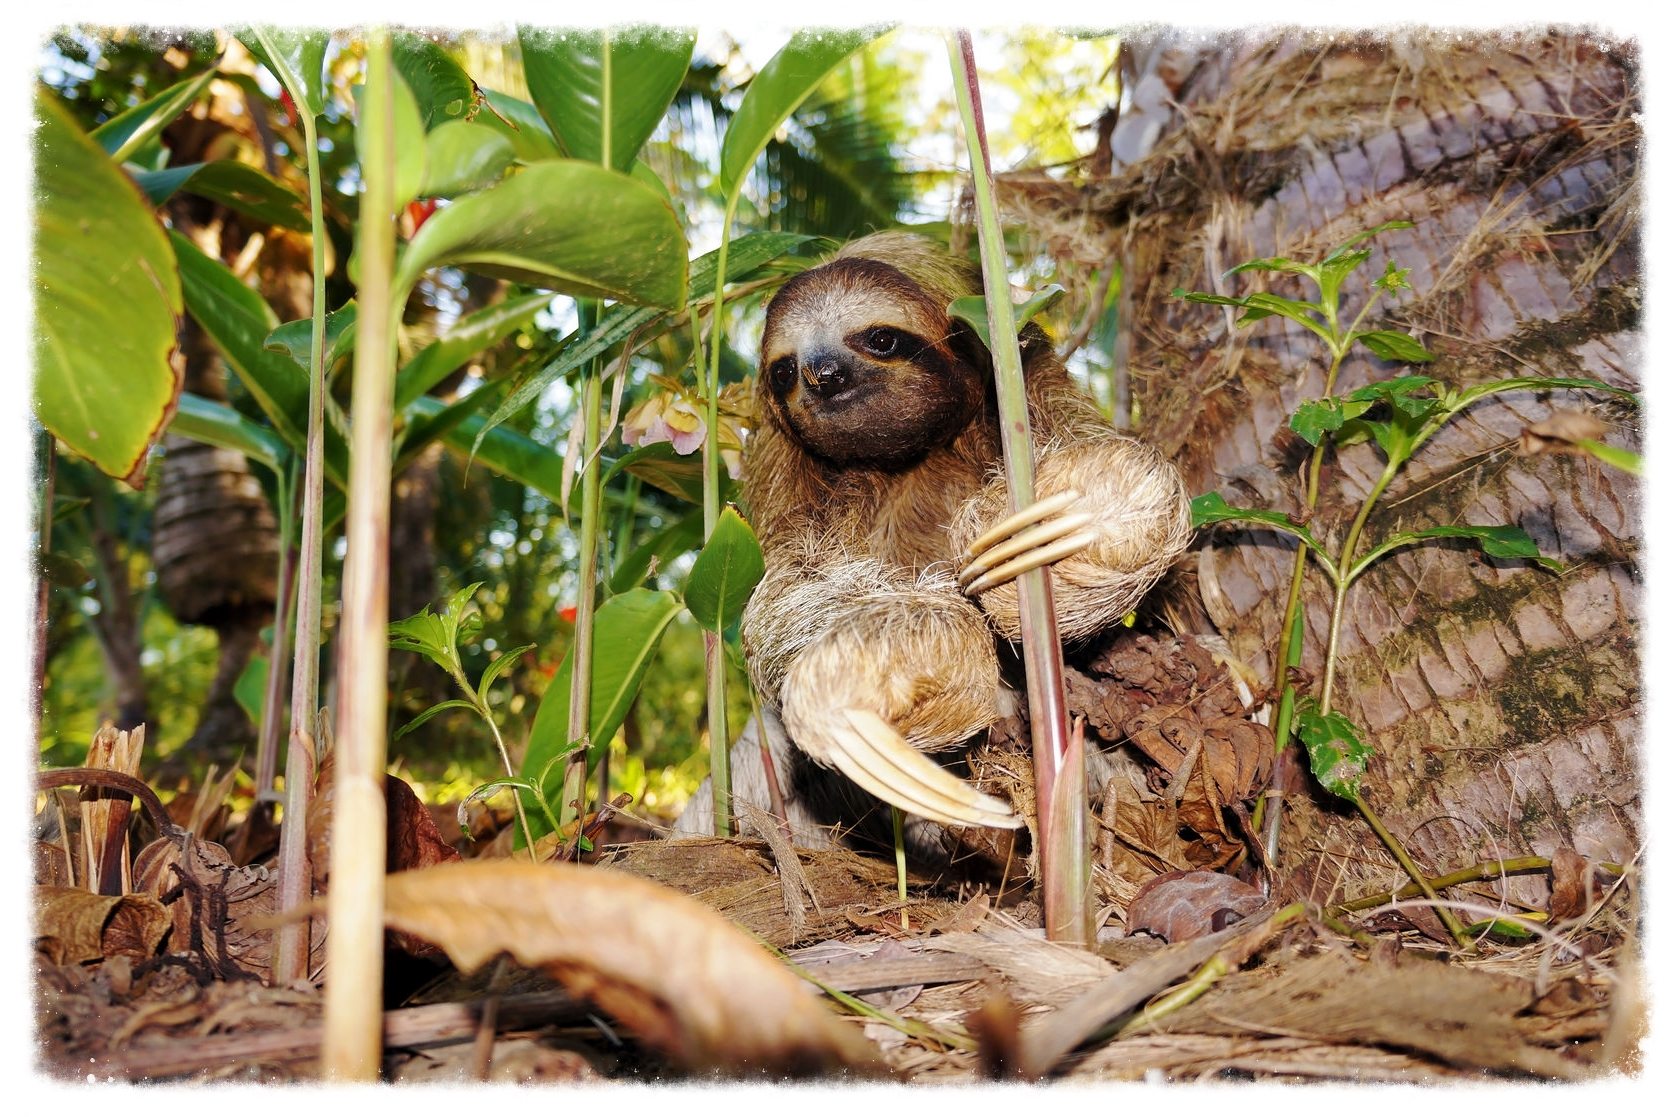 cahuita-sloth